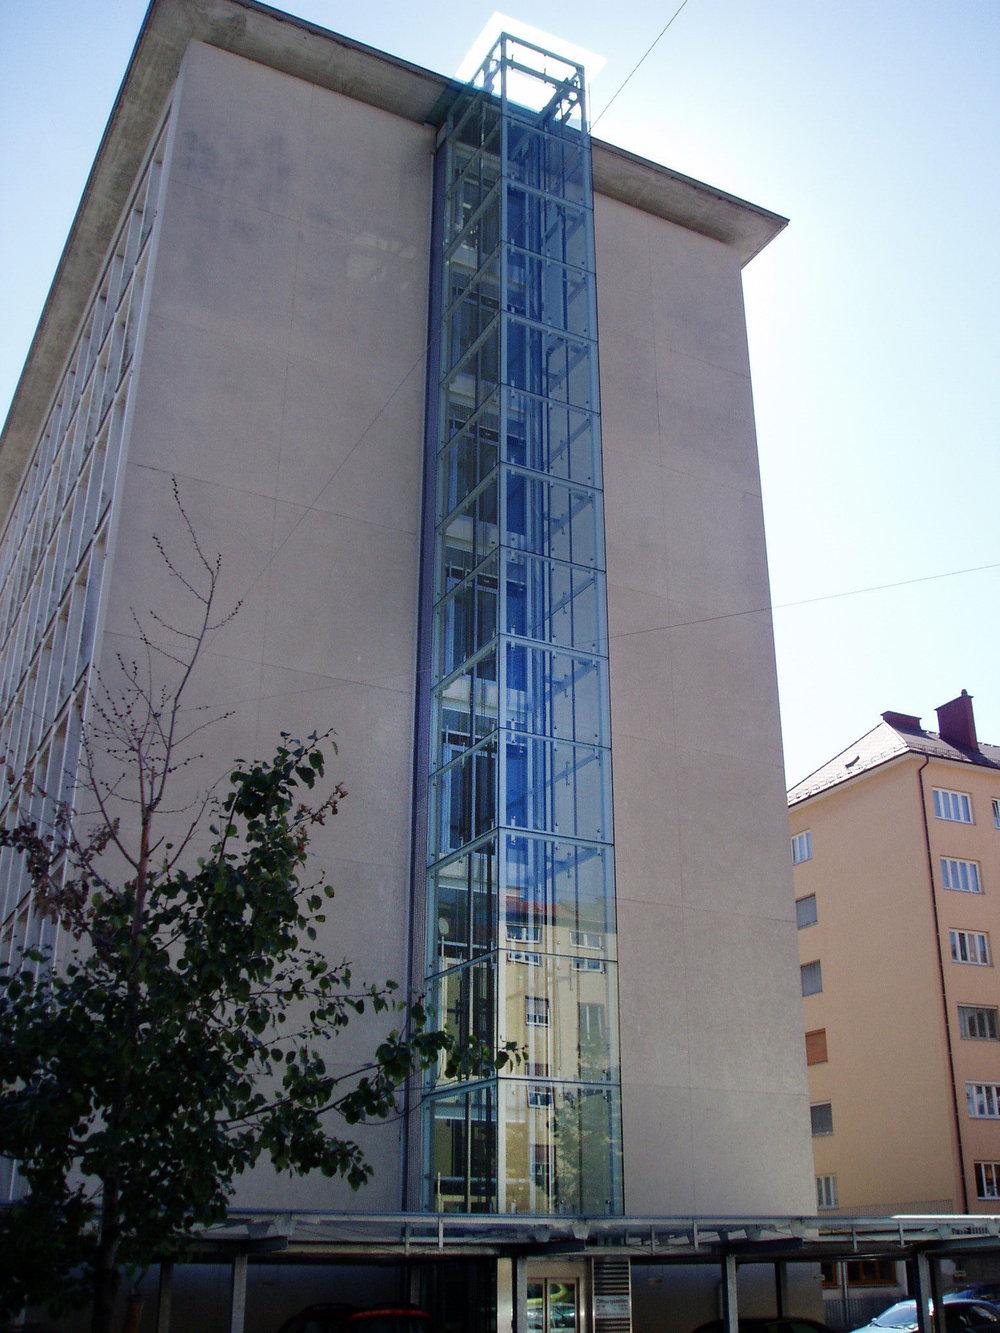 Stahlbau Liftschacht Graz.JPG